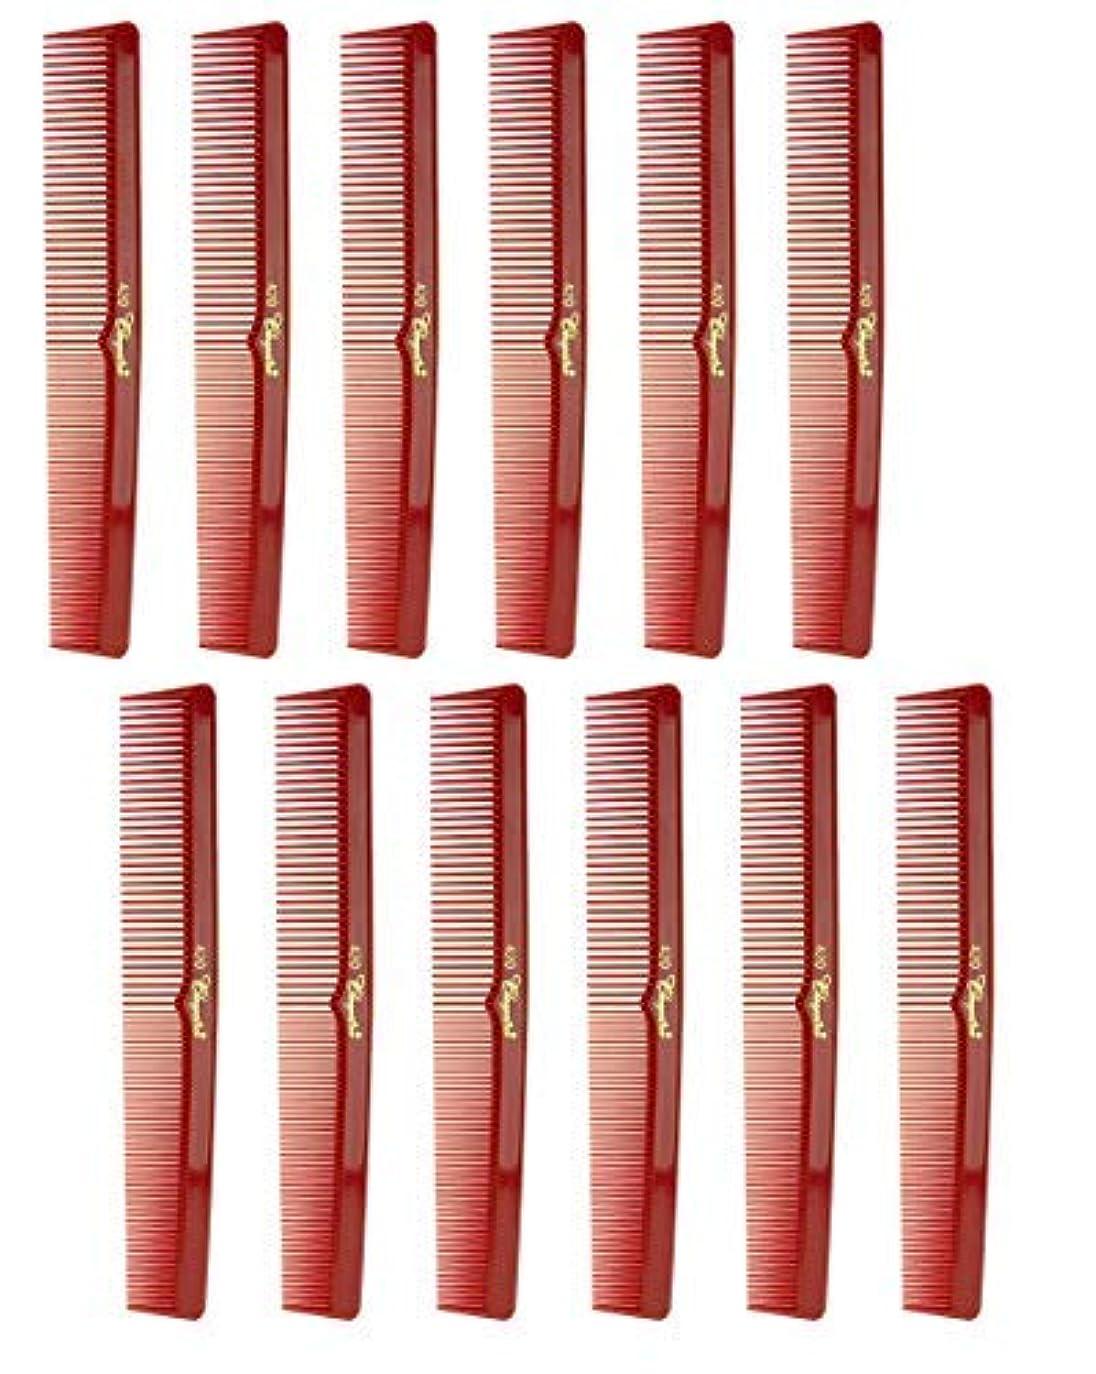 裁量一般的に尽きる7 Inch Hair Cutting Comb. Barber's & Hairstylist Combs. Red. 1 DZ. [並行輸入品]